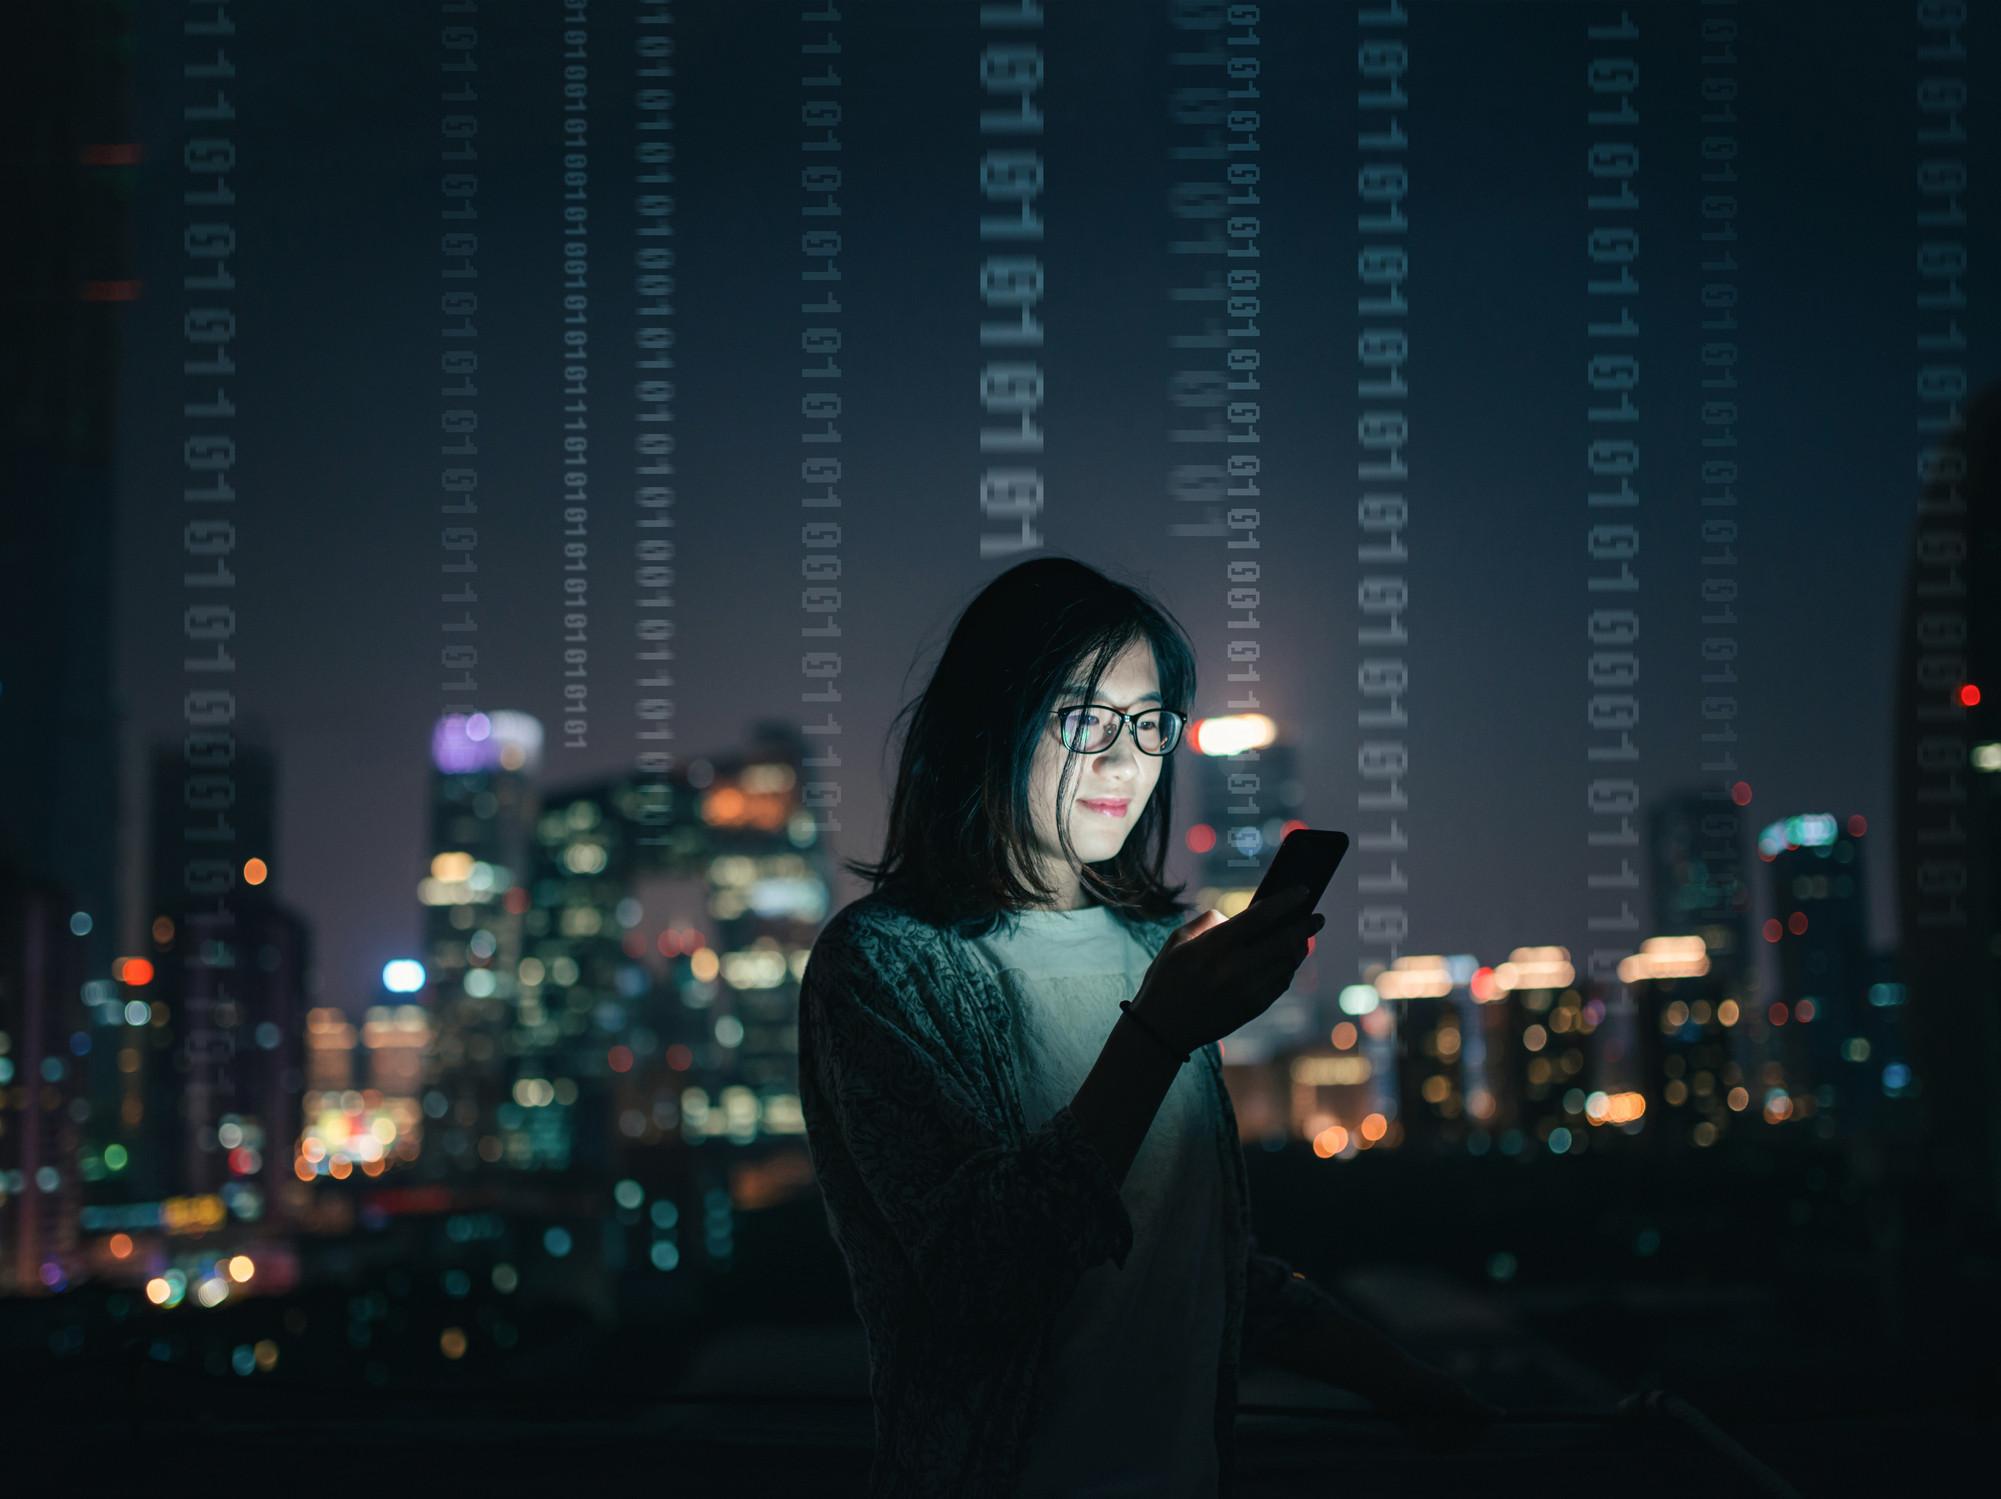 """Rede social chinesa suspende contas por """"informação política prejudicial"""""""